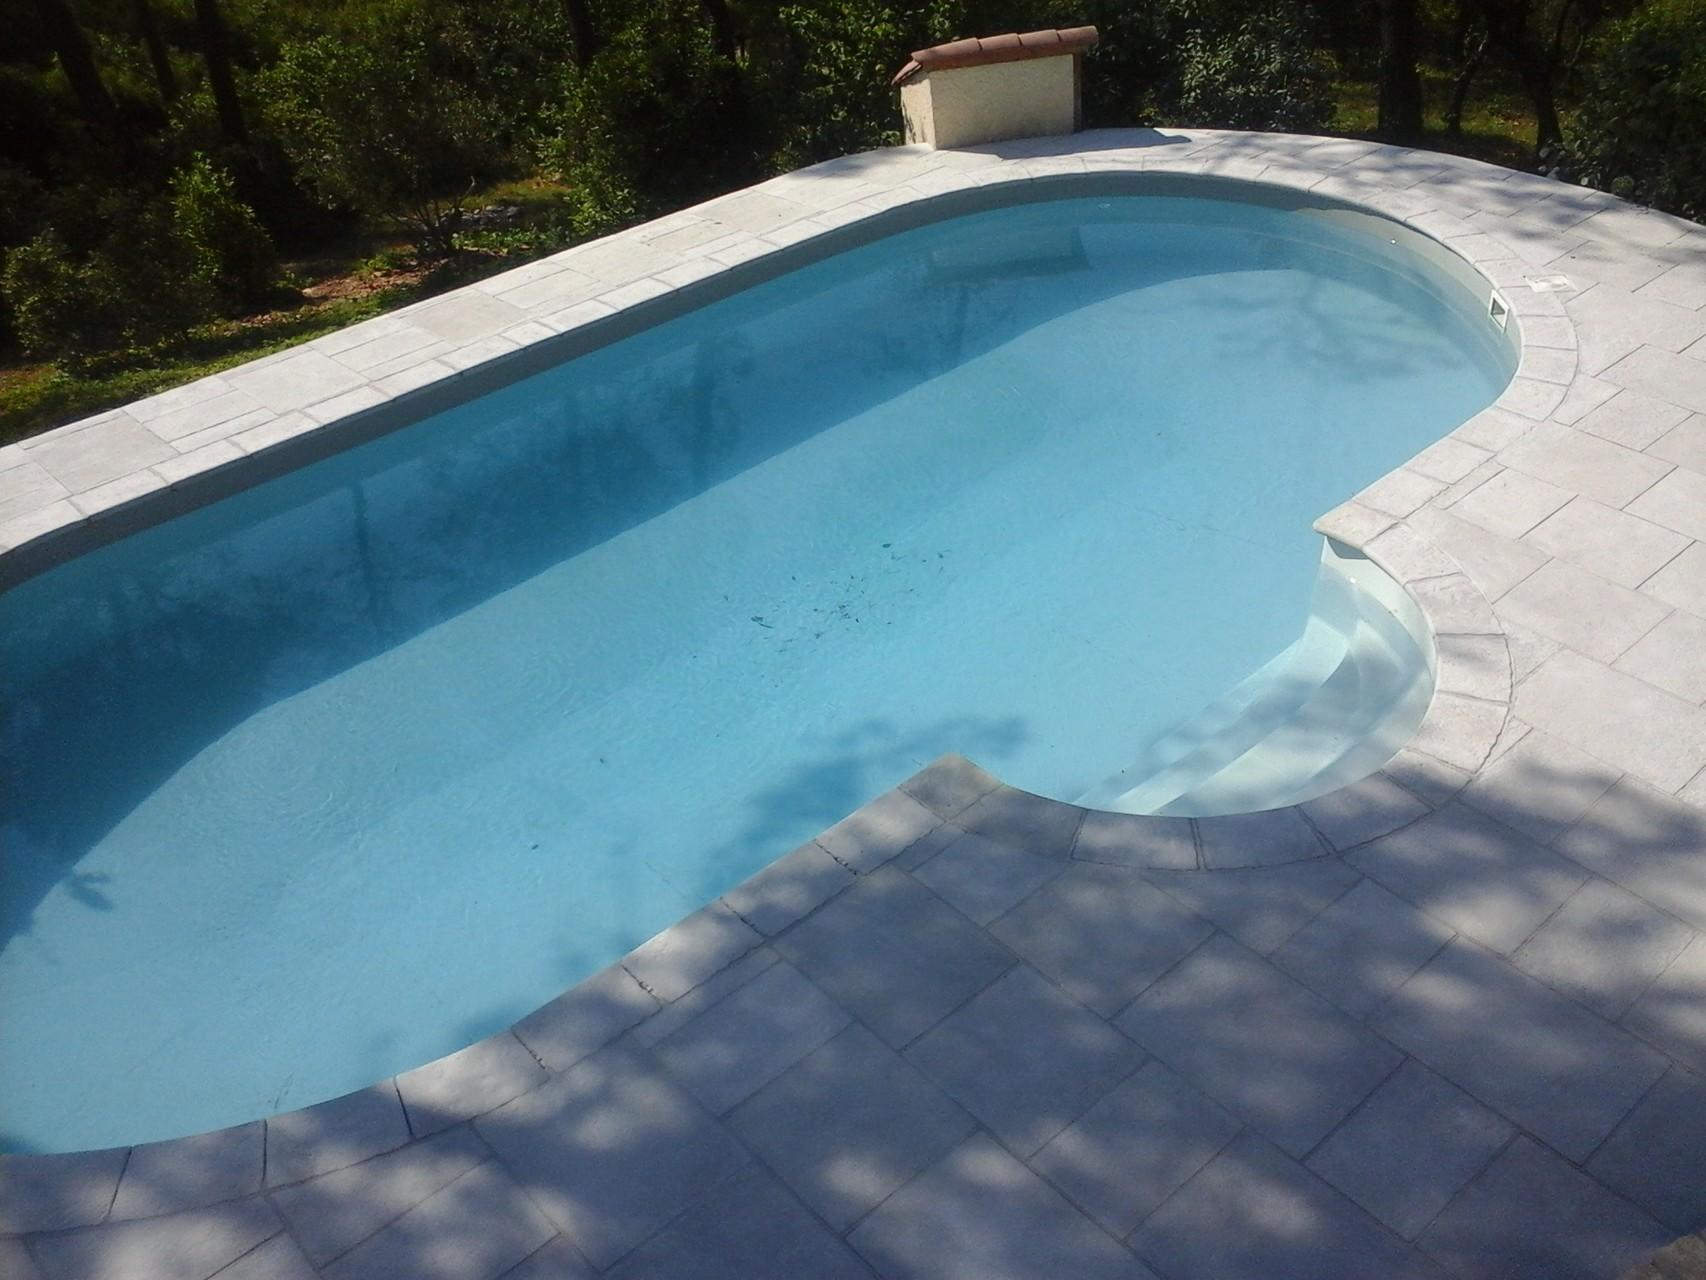 plages piscine en pierre reconstituée